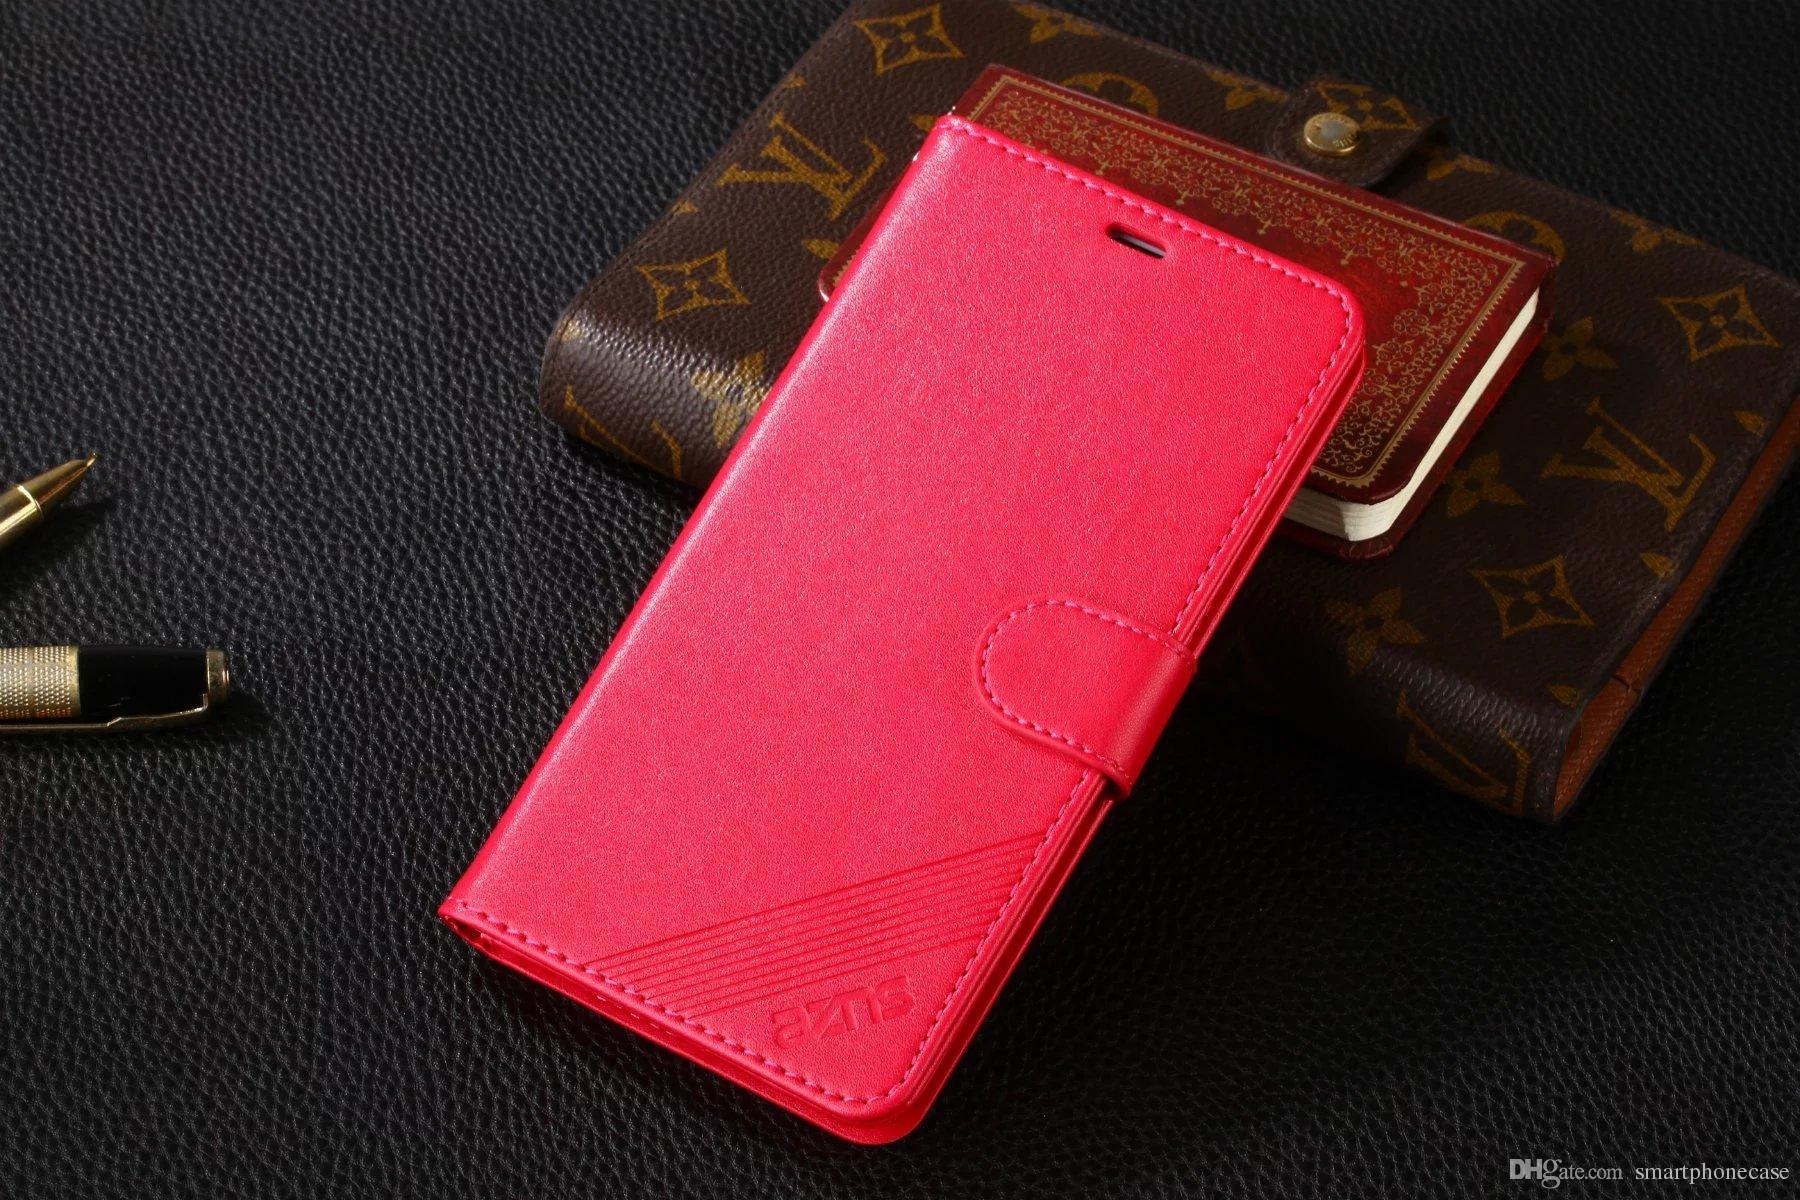 Nuovo Meizu Meilan Custodia in metallo di lusso Flip Stand colorato Custodia portafoglio originale Custodia in pelle Meizu Meilan Metal Matel